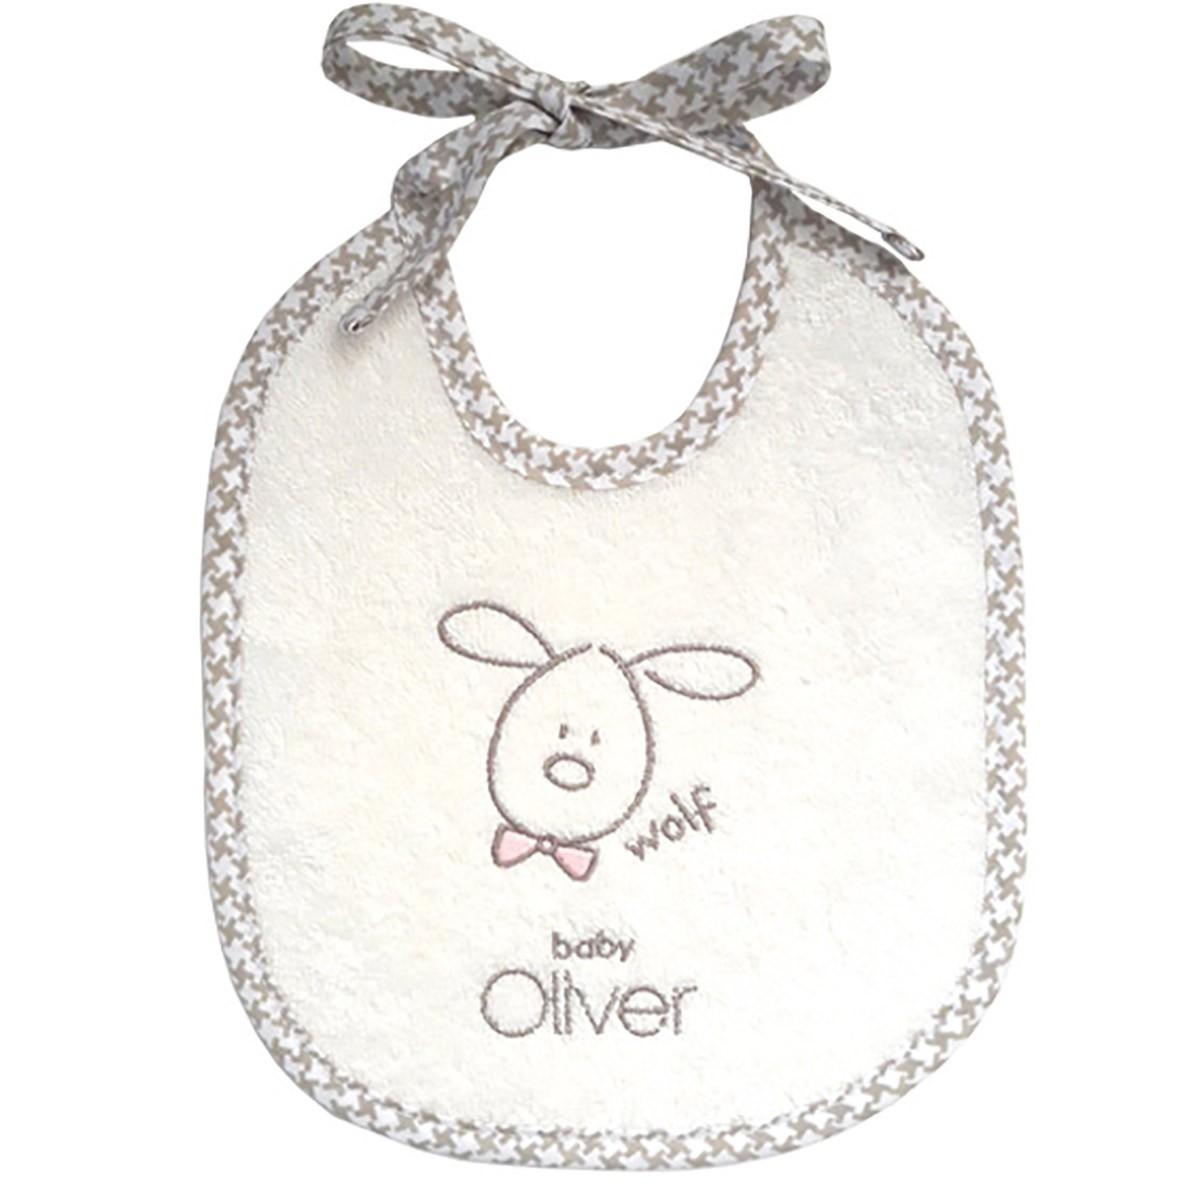 Σαλιάρα Baby Oliver Mr.Wolf & Co 305